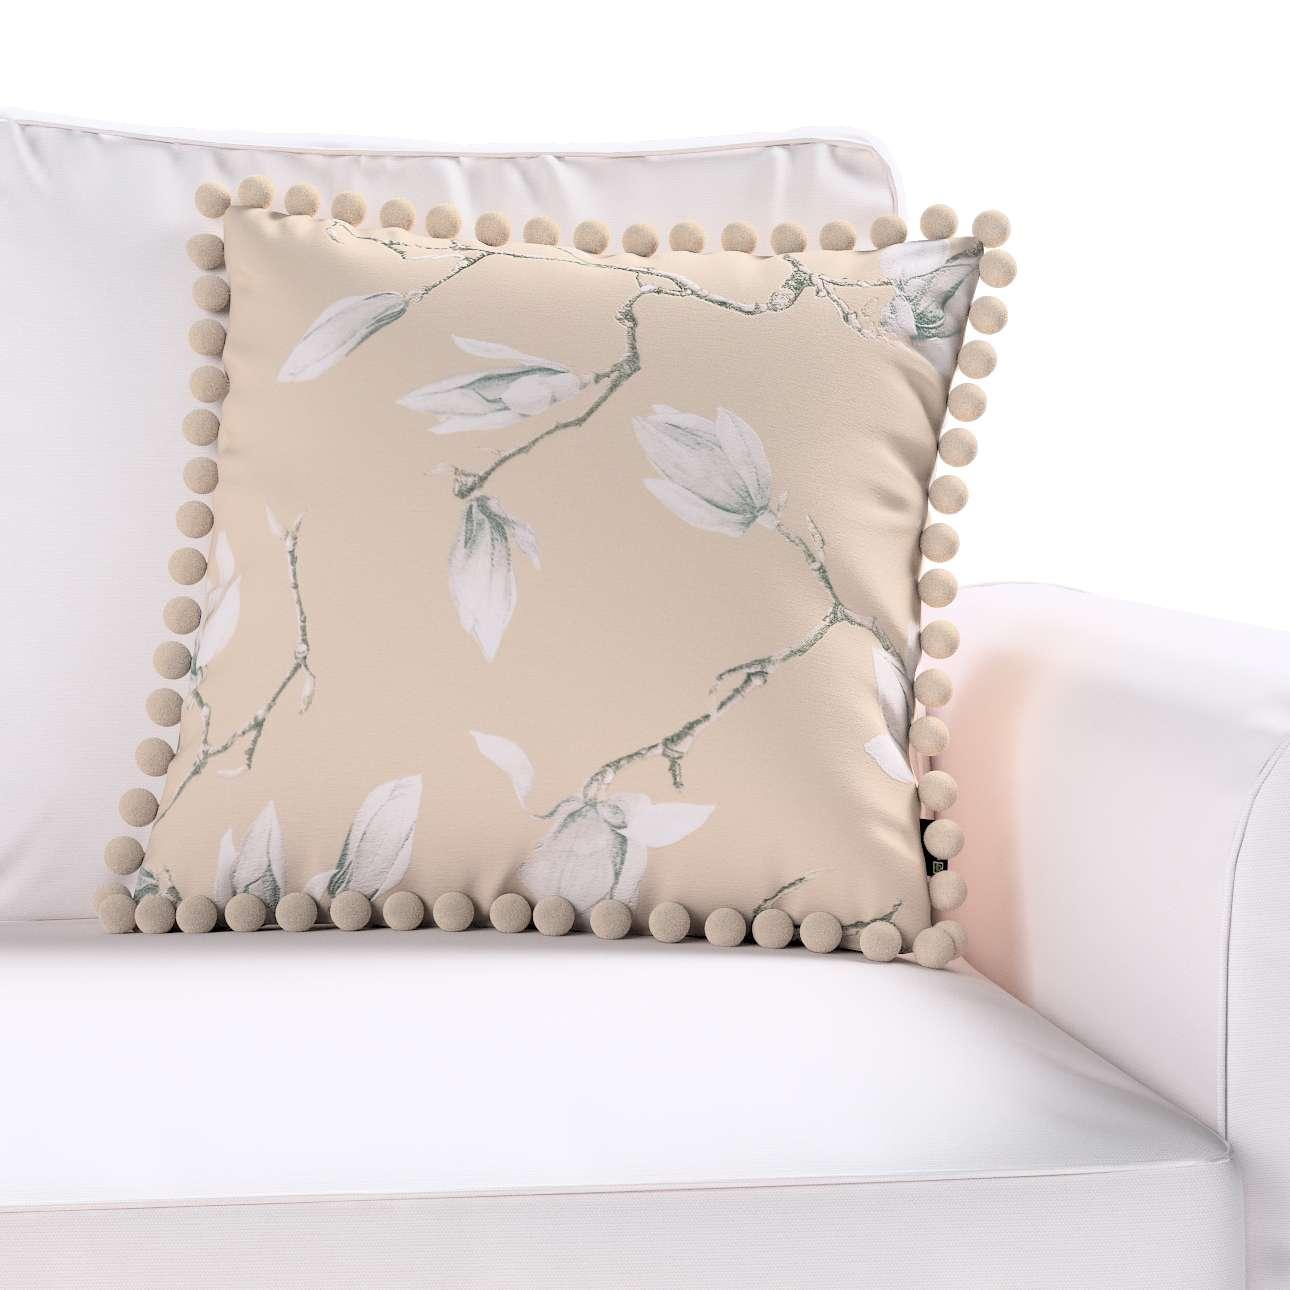 Wera dekoratyvinės pagalvėlės užvalkalas su žaismingais kraštais kolekcijoje Flowers, audinys: 311-12